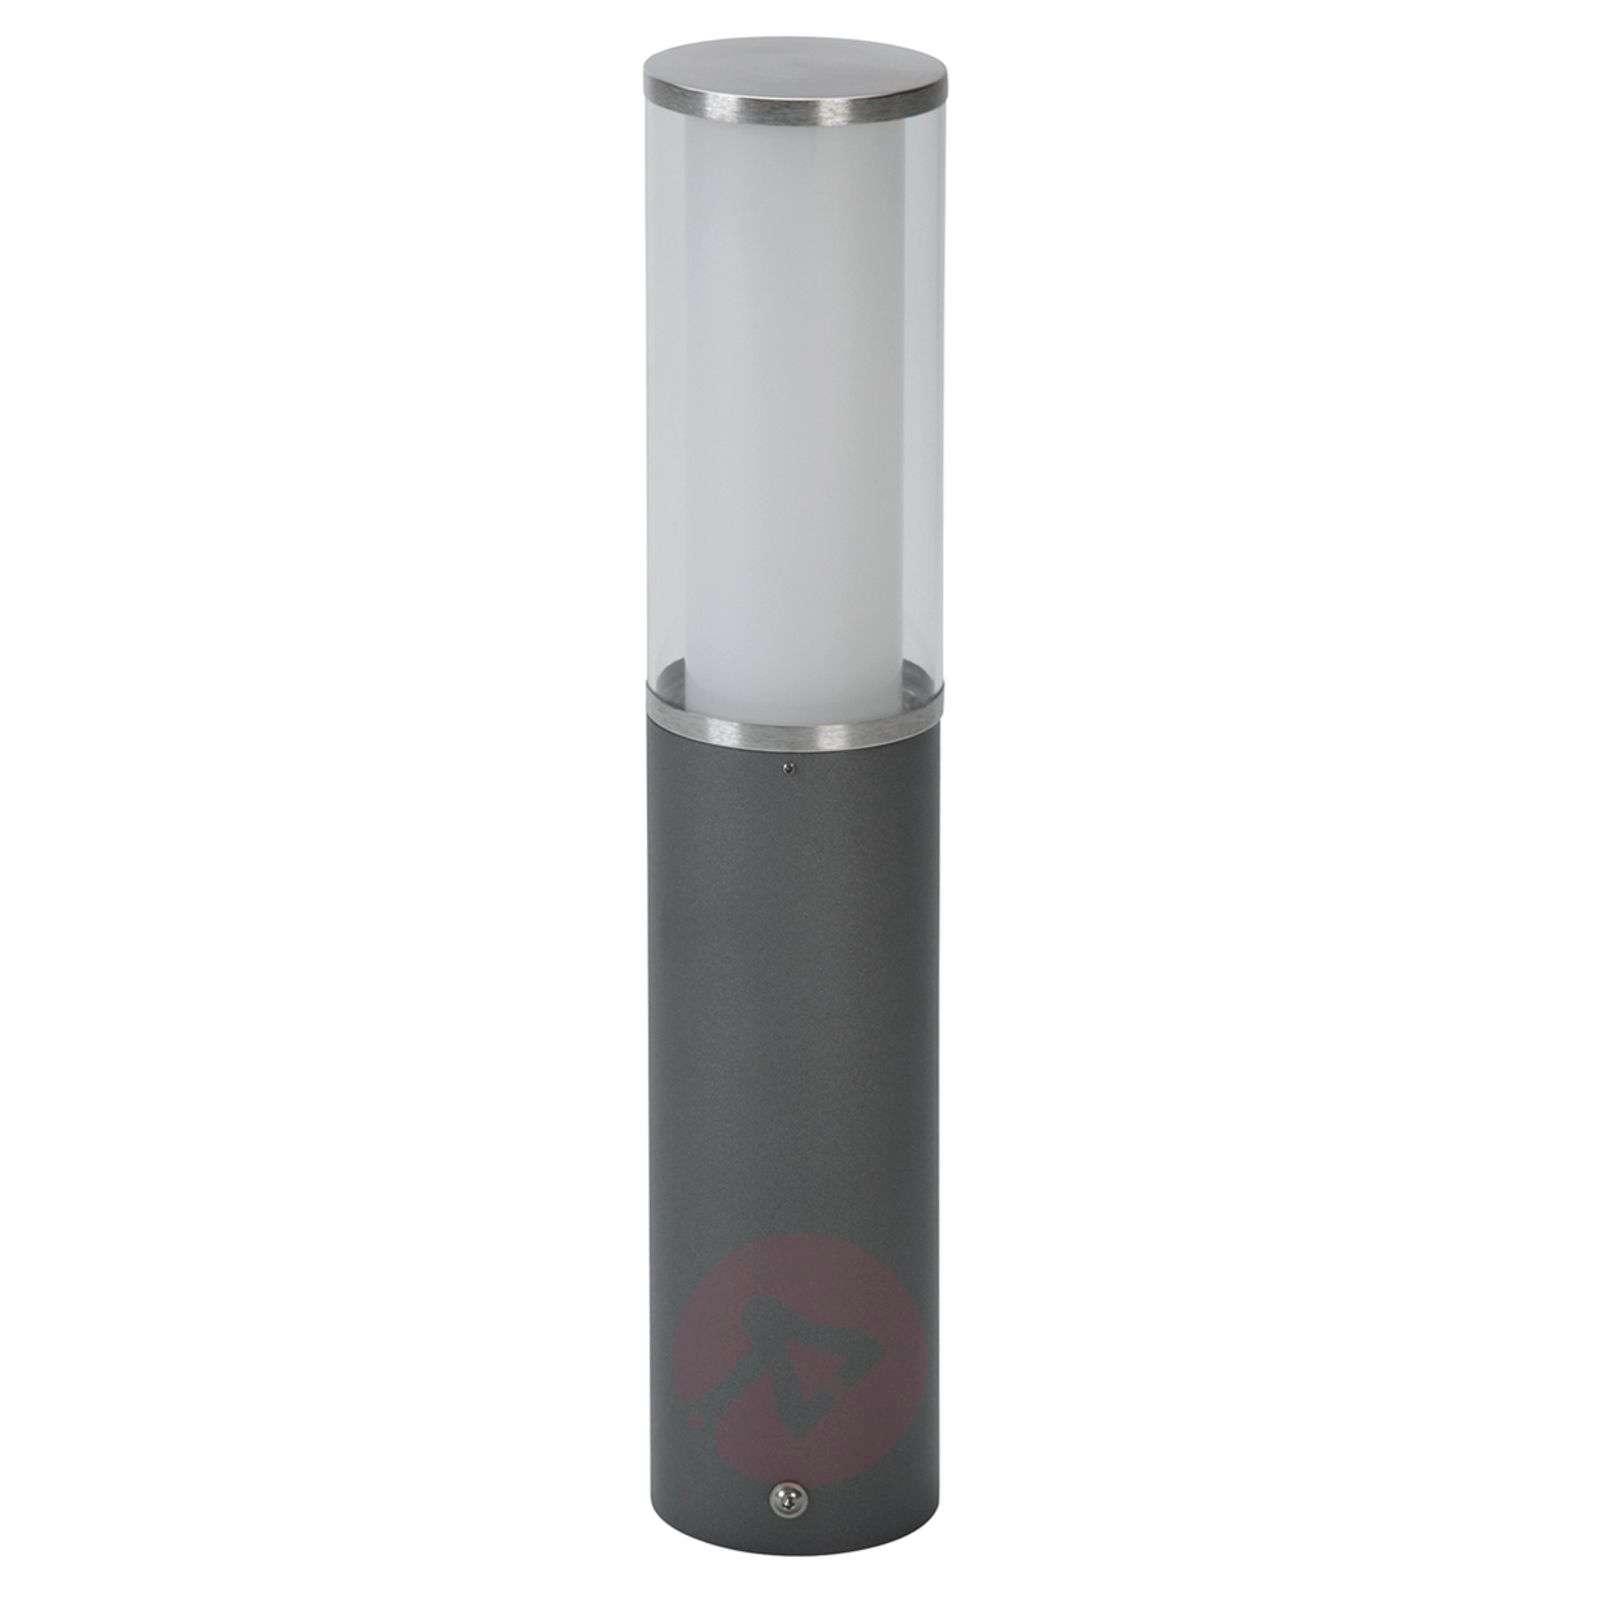 Upea Elicio-pollarivalaisin, ruostumaton teräs-4000018-01